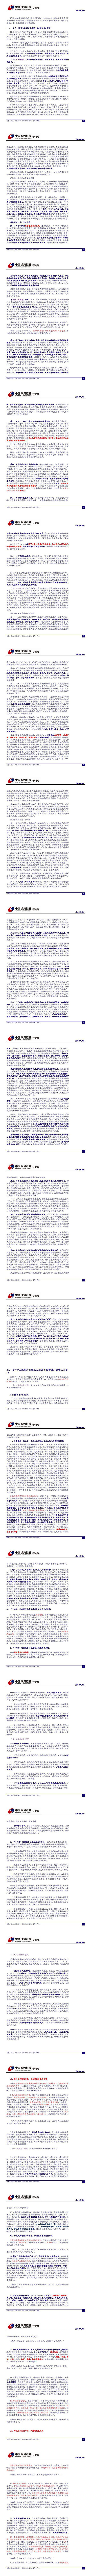 中国银河:解读《十四五规划和二零三五远景目标》的重点和变化